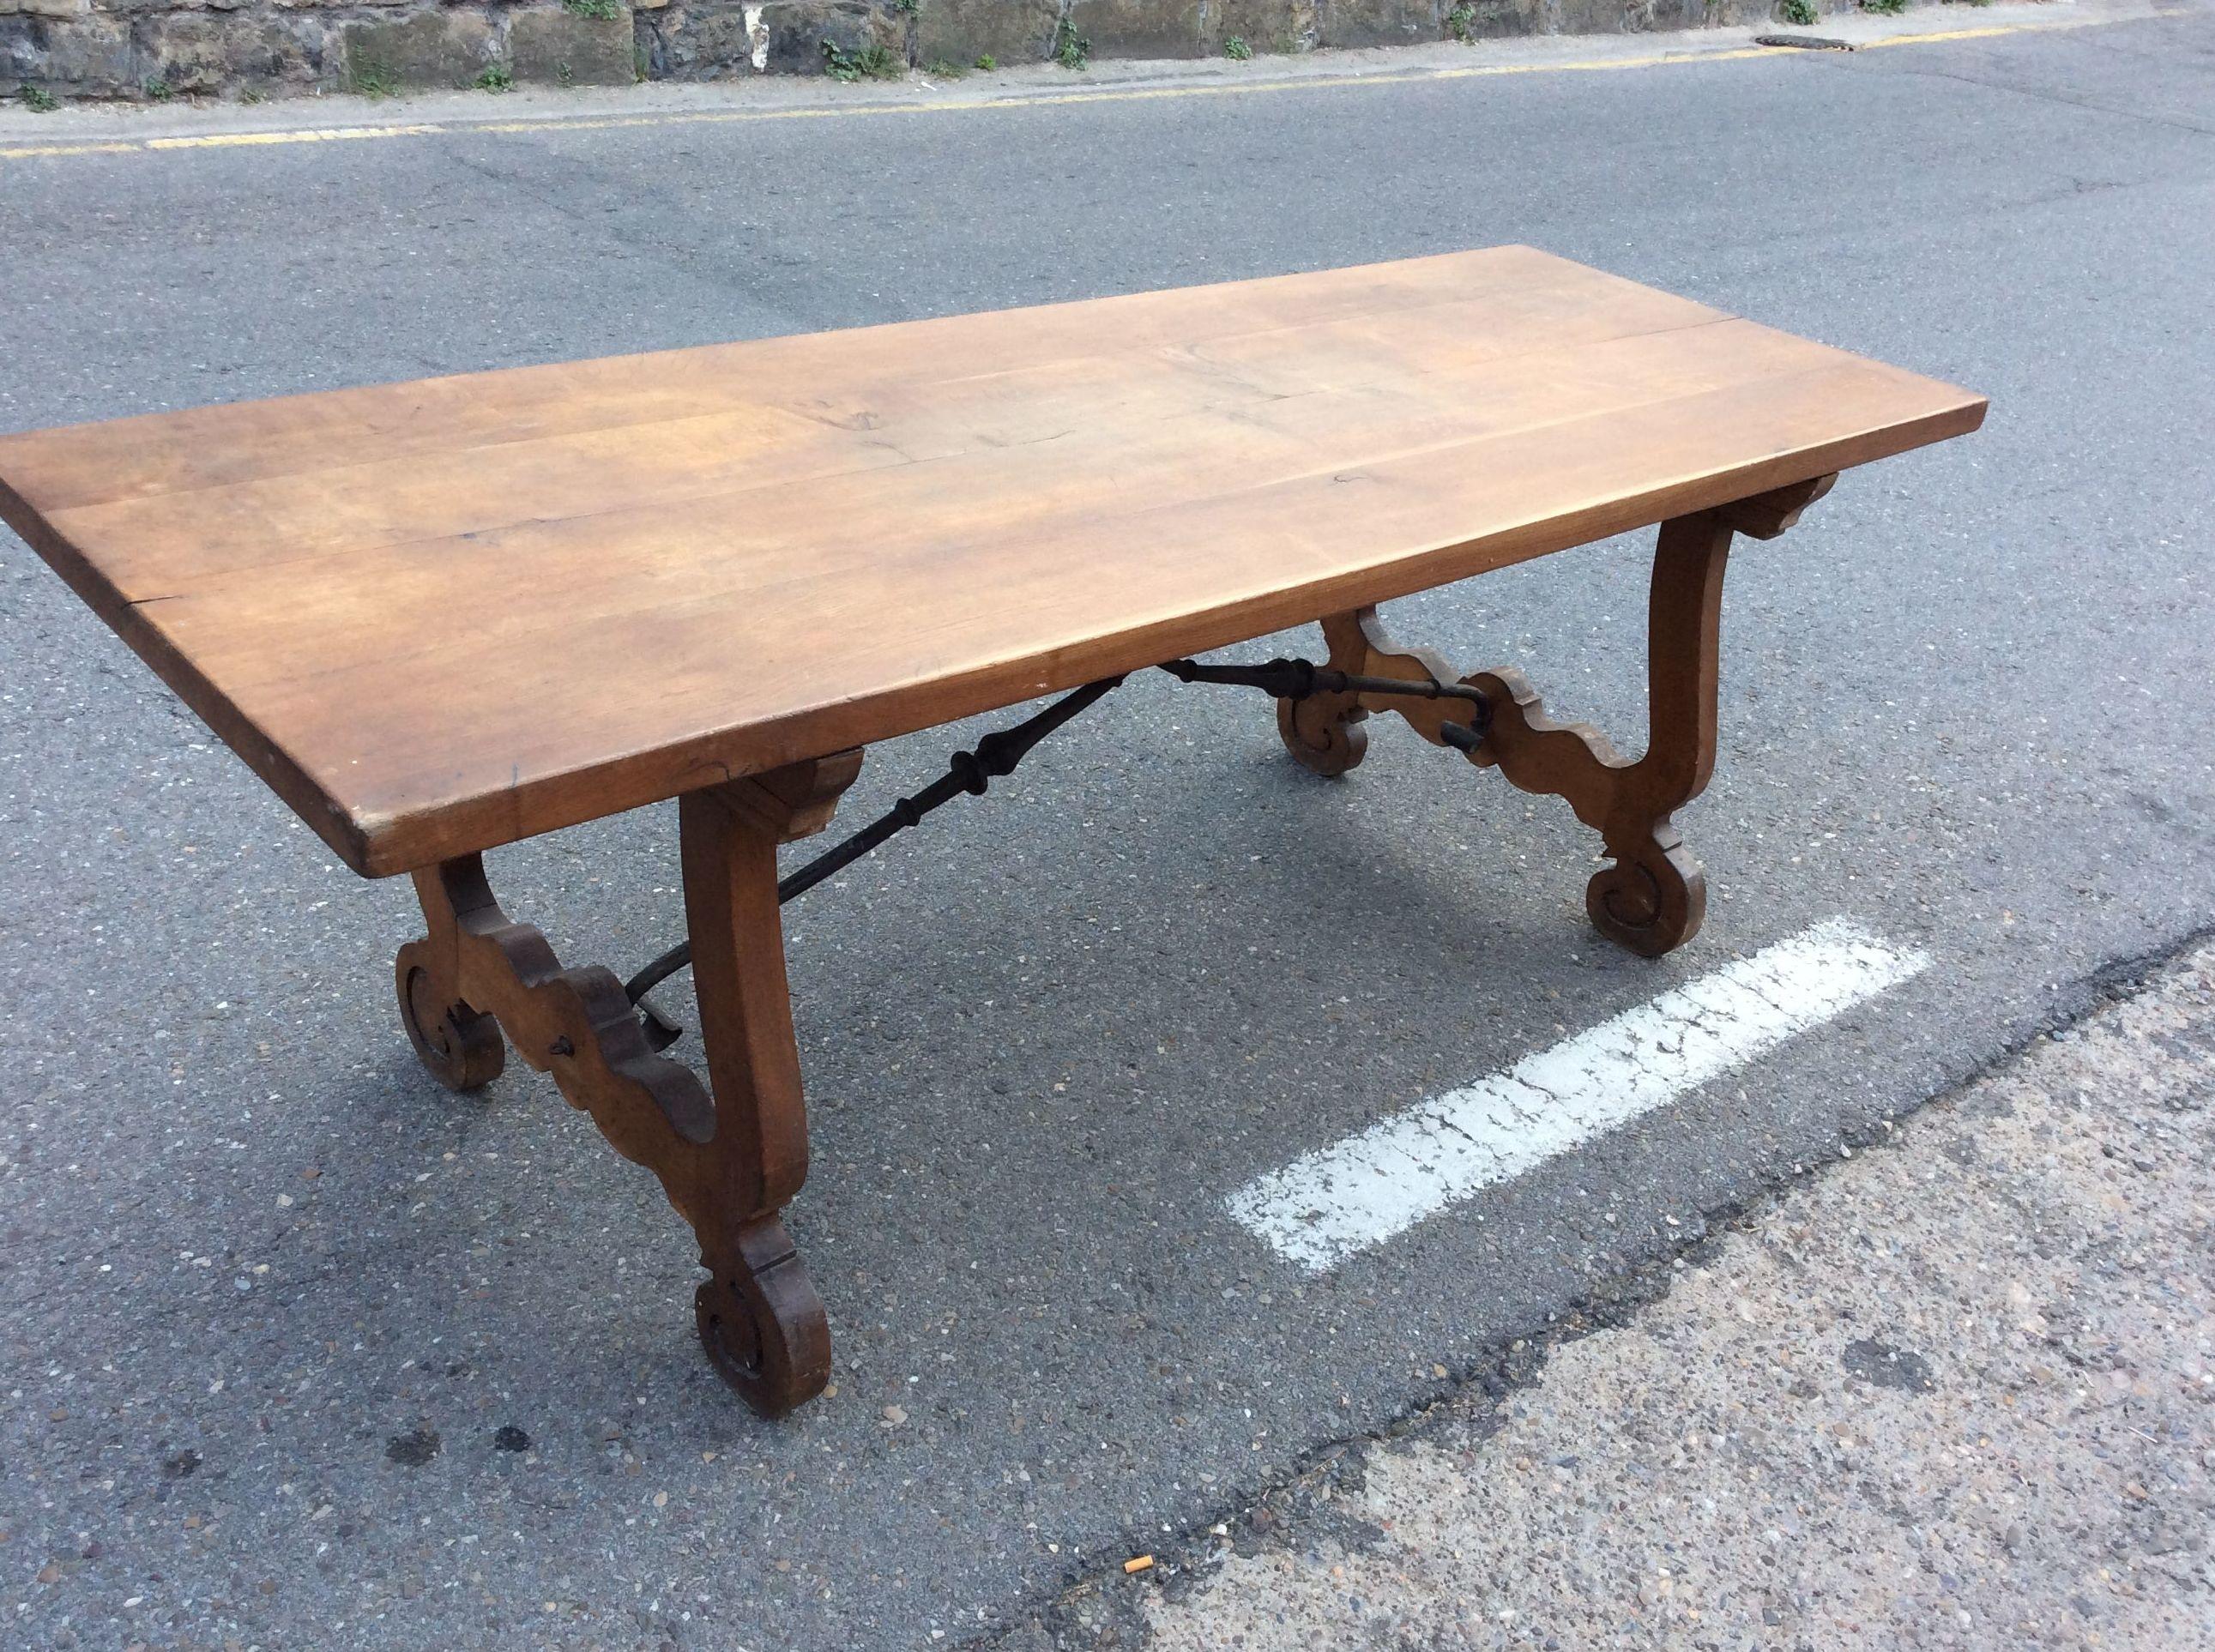 Muebles antiguos a la venta